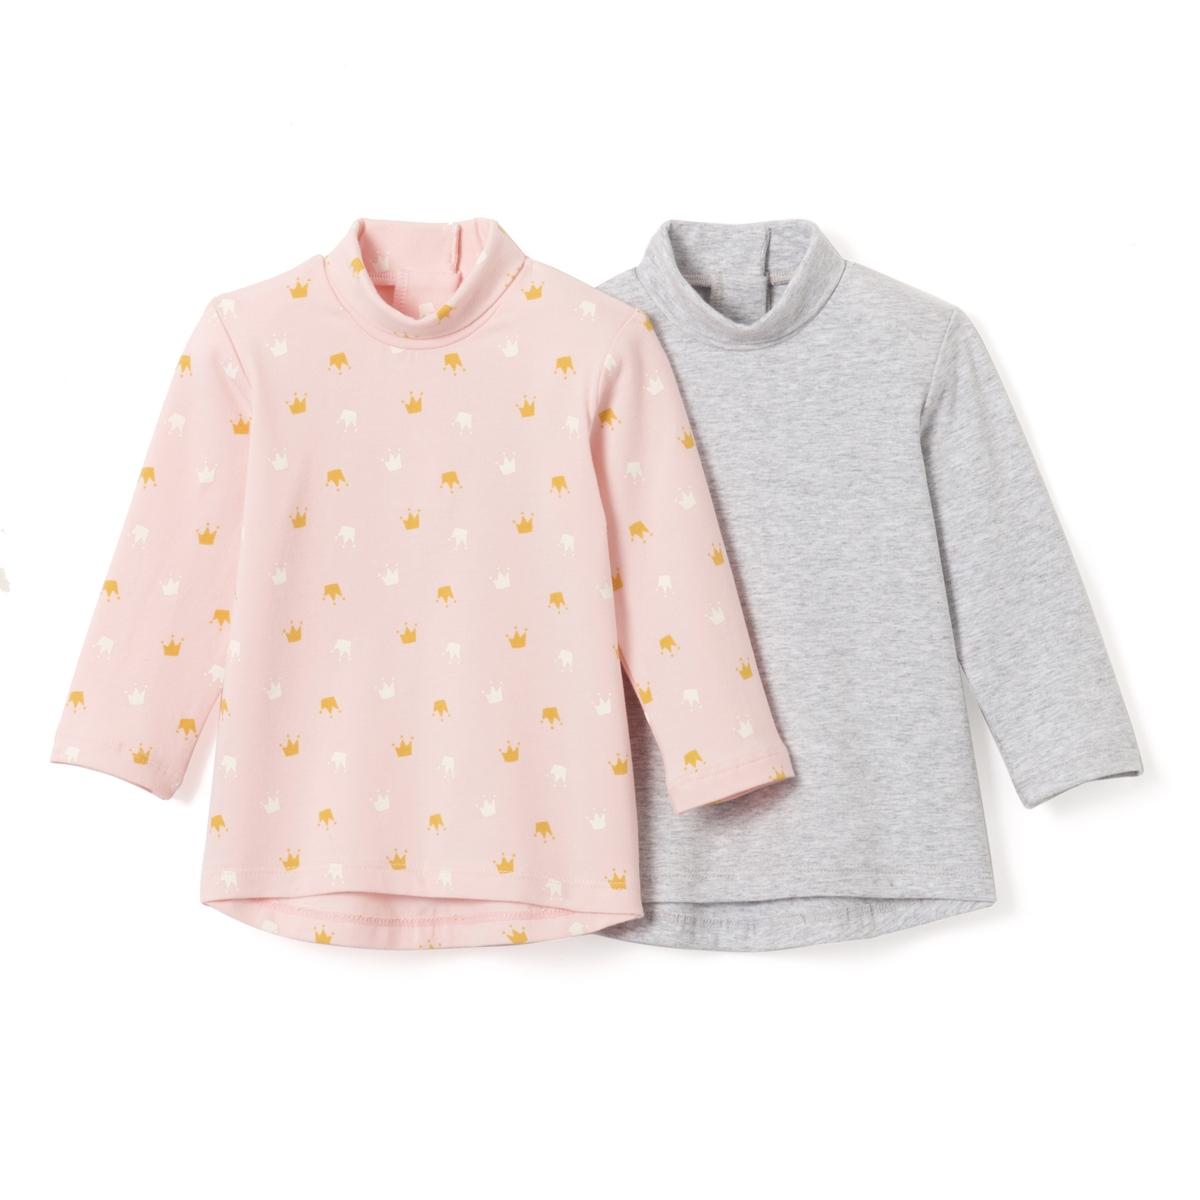 T-shirt collo a dolcevita 1 mese - 3 anni (conf. da 2)